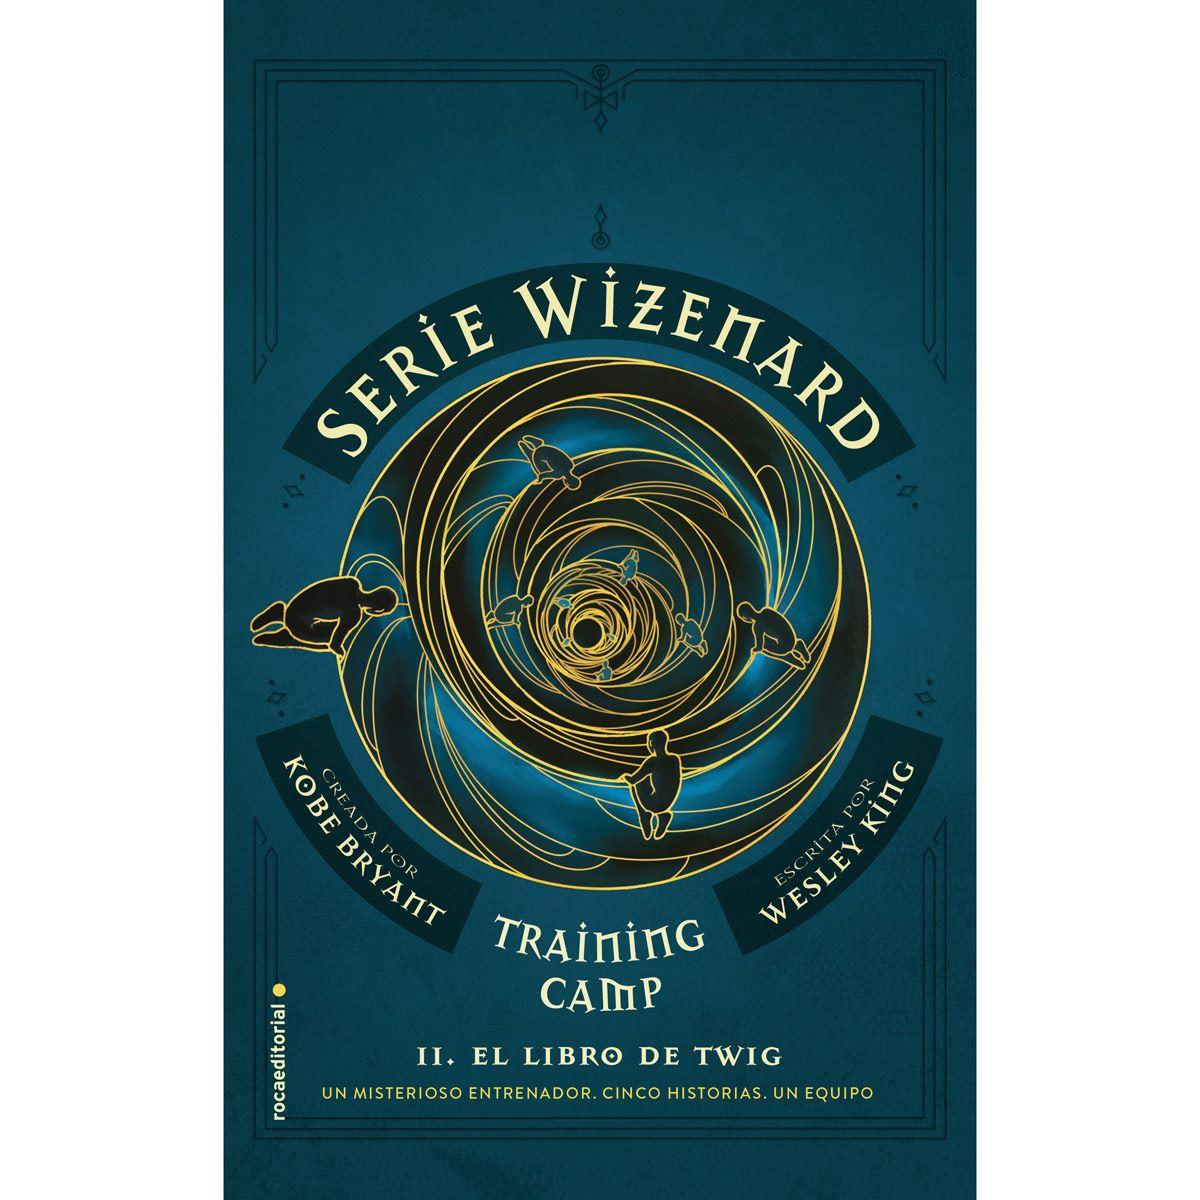 Training camp. El libro de Twig (wizenard)